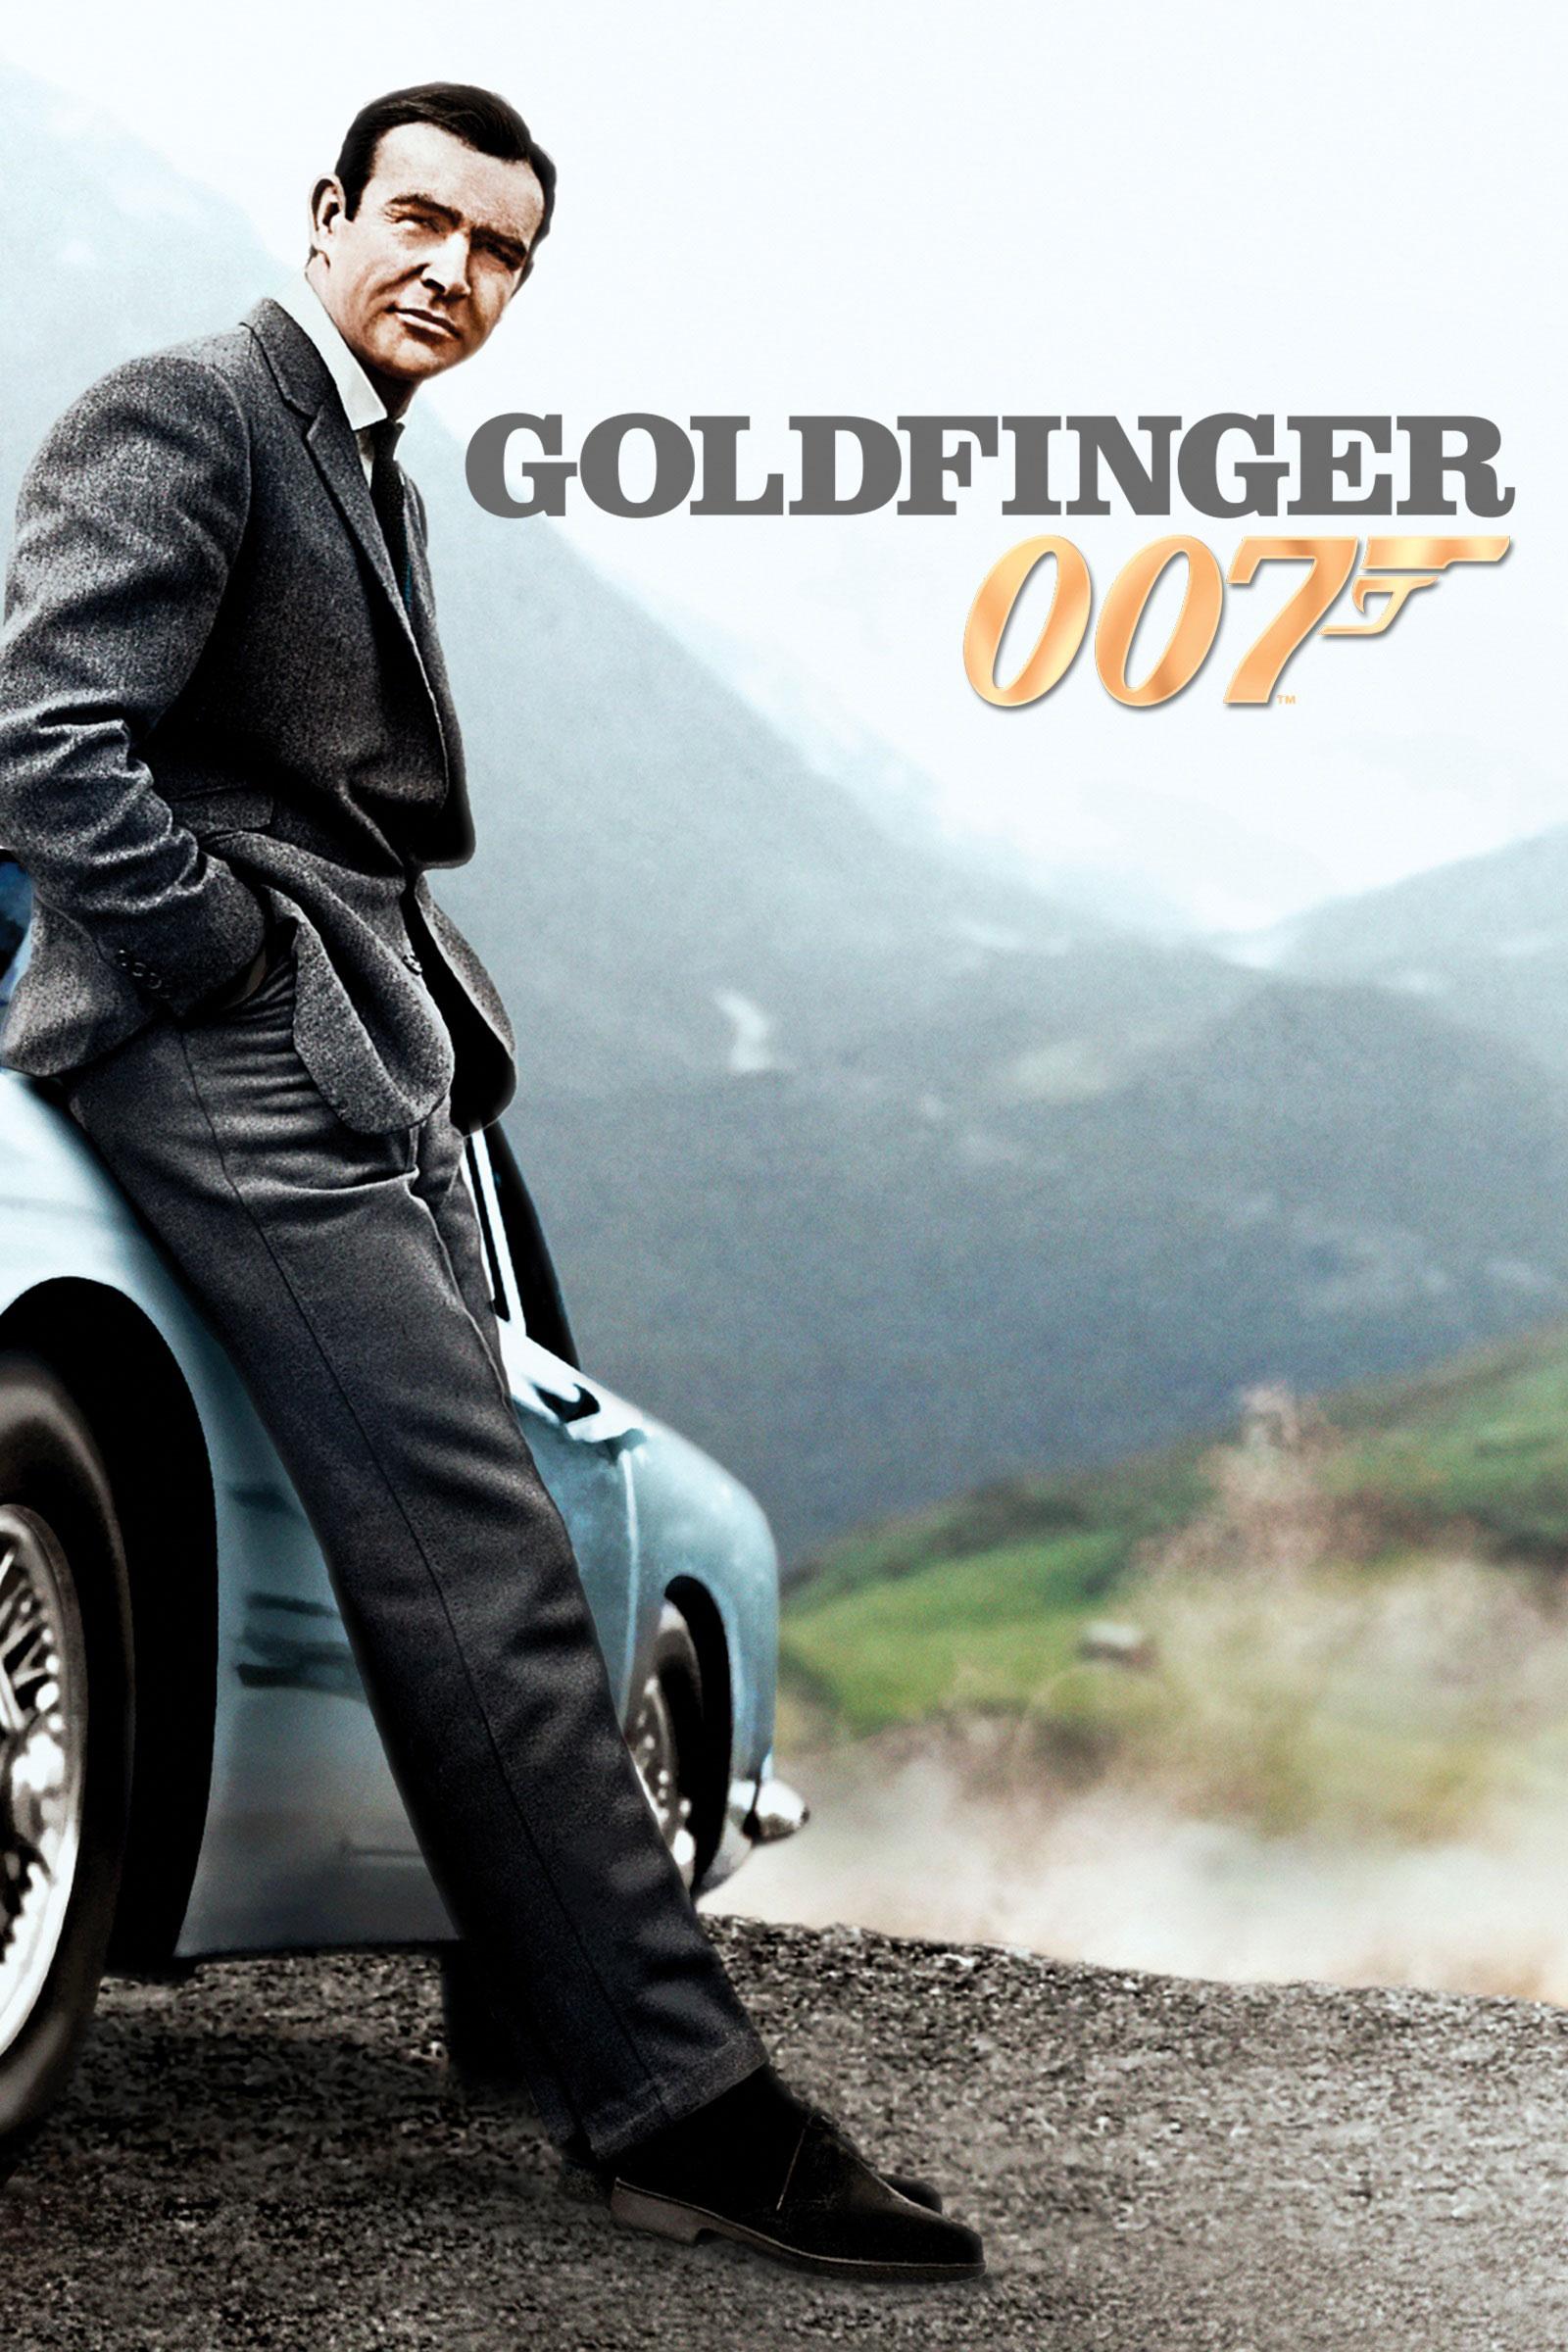 James Bond Ganzer Film Deutsch Goldfinger